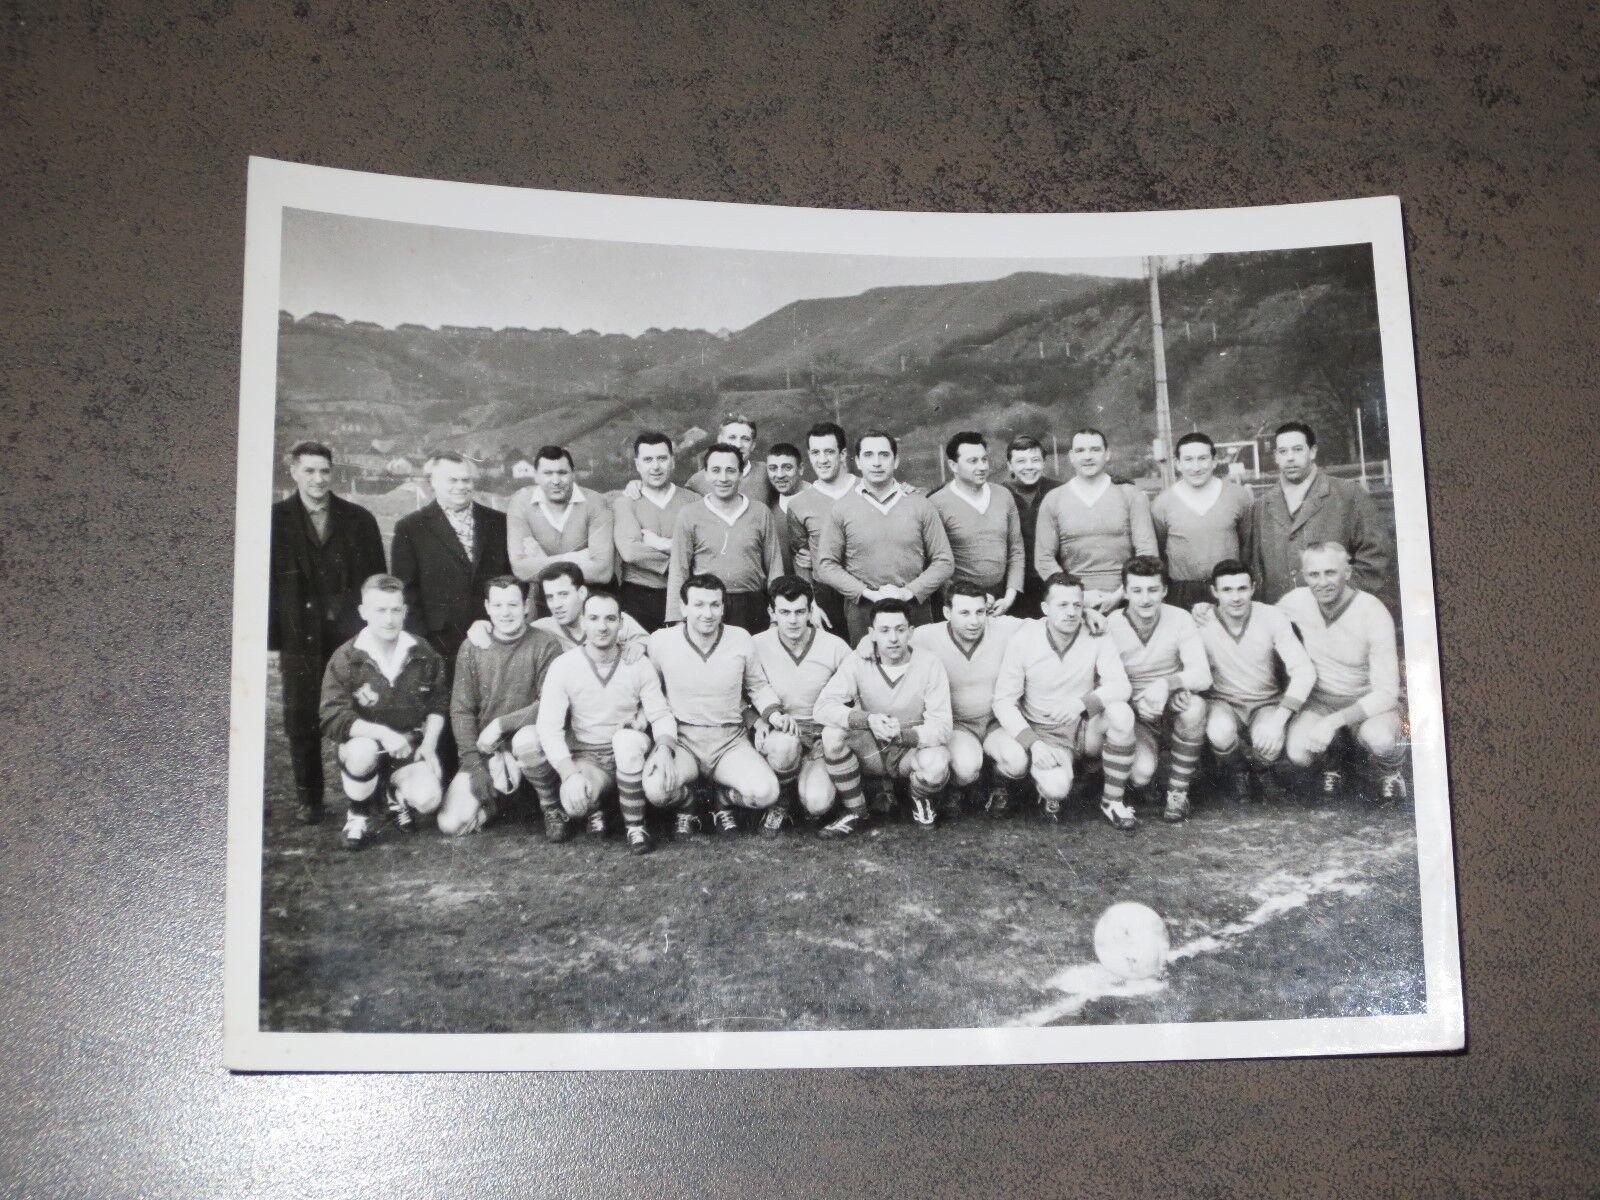 Football Belge Photographie ancienne RSCA - 13 cm sur 18 cm Mettens Albert